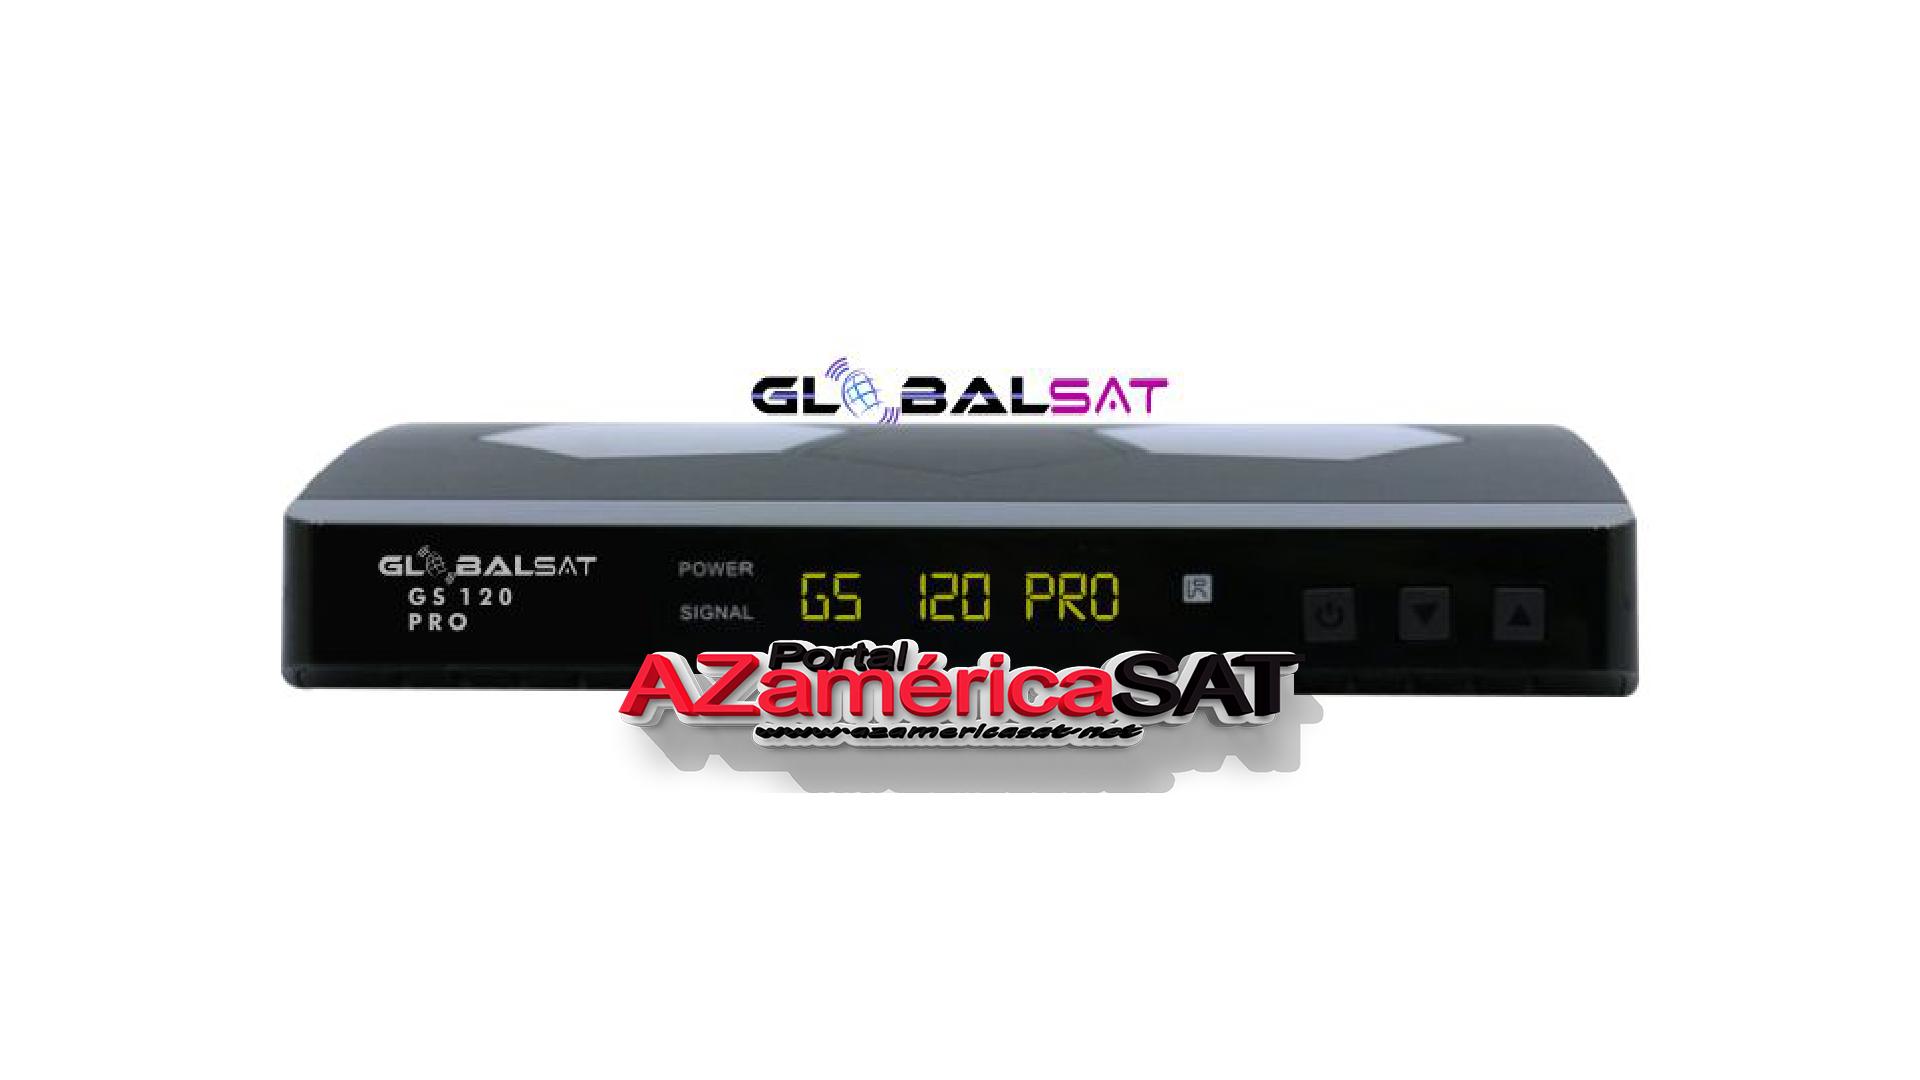 Atualização Globalsat GS 120 Pro - portal